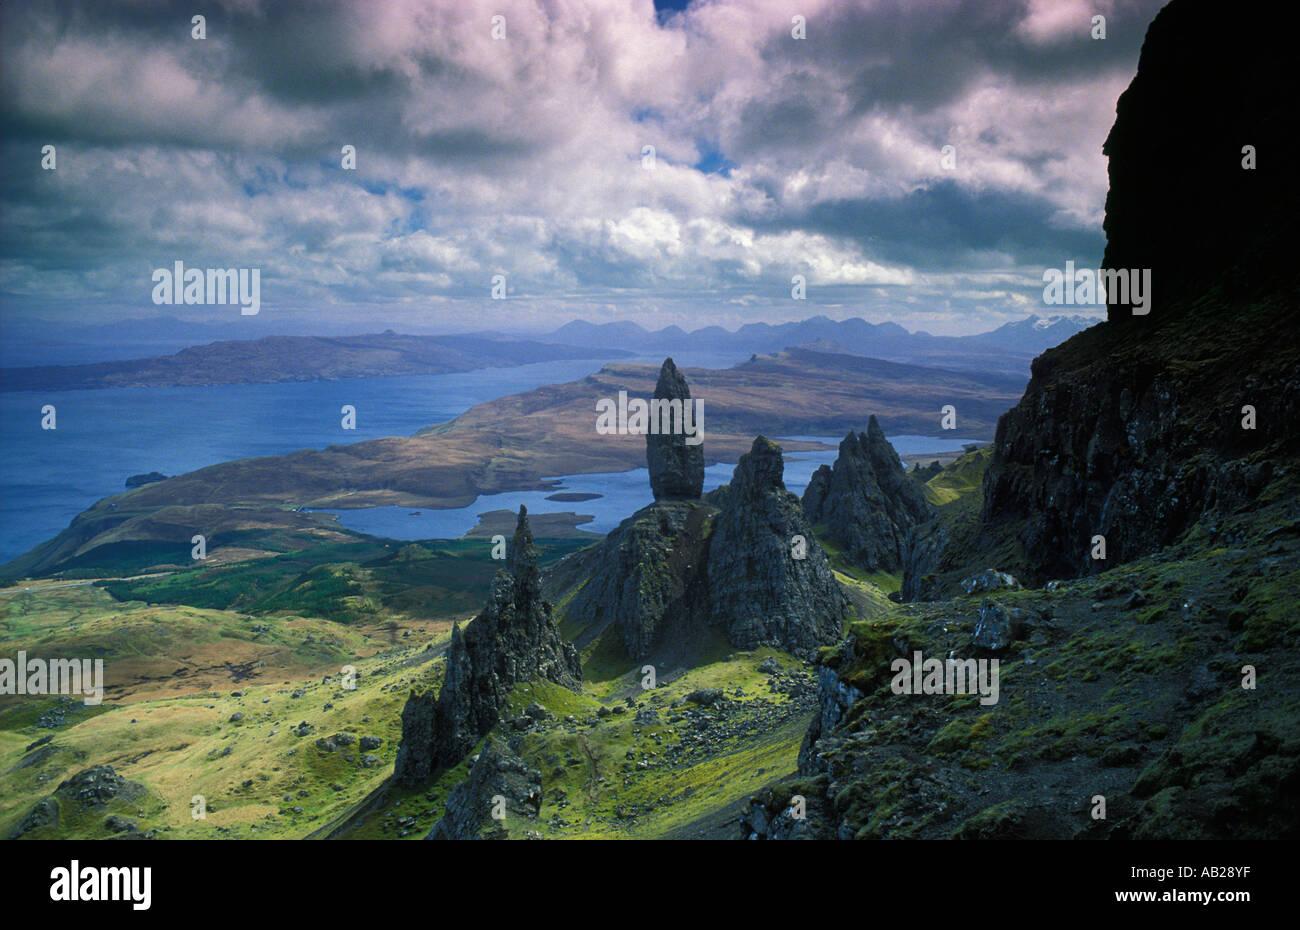 the Old Man of Storr, Isle of Skye, Scotland, UK - Stock Image